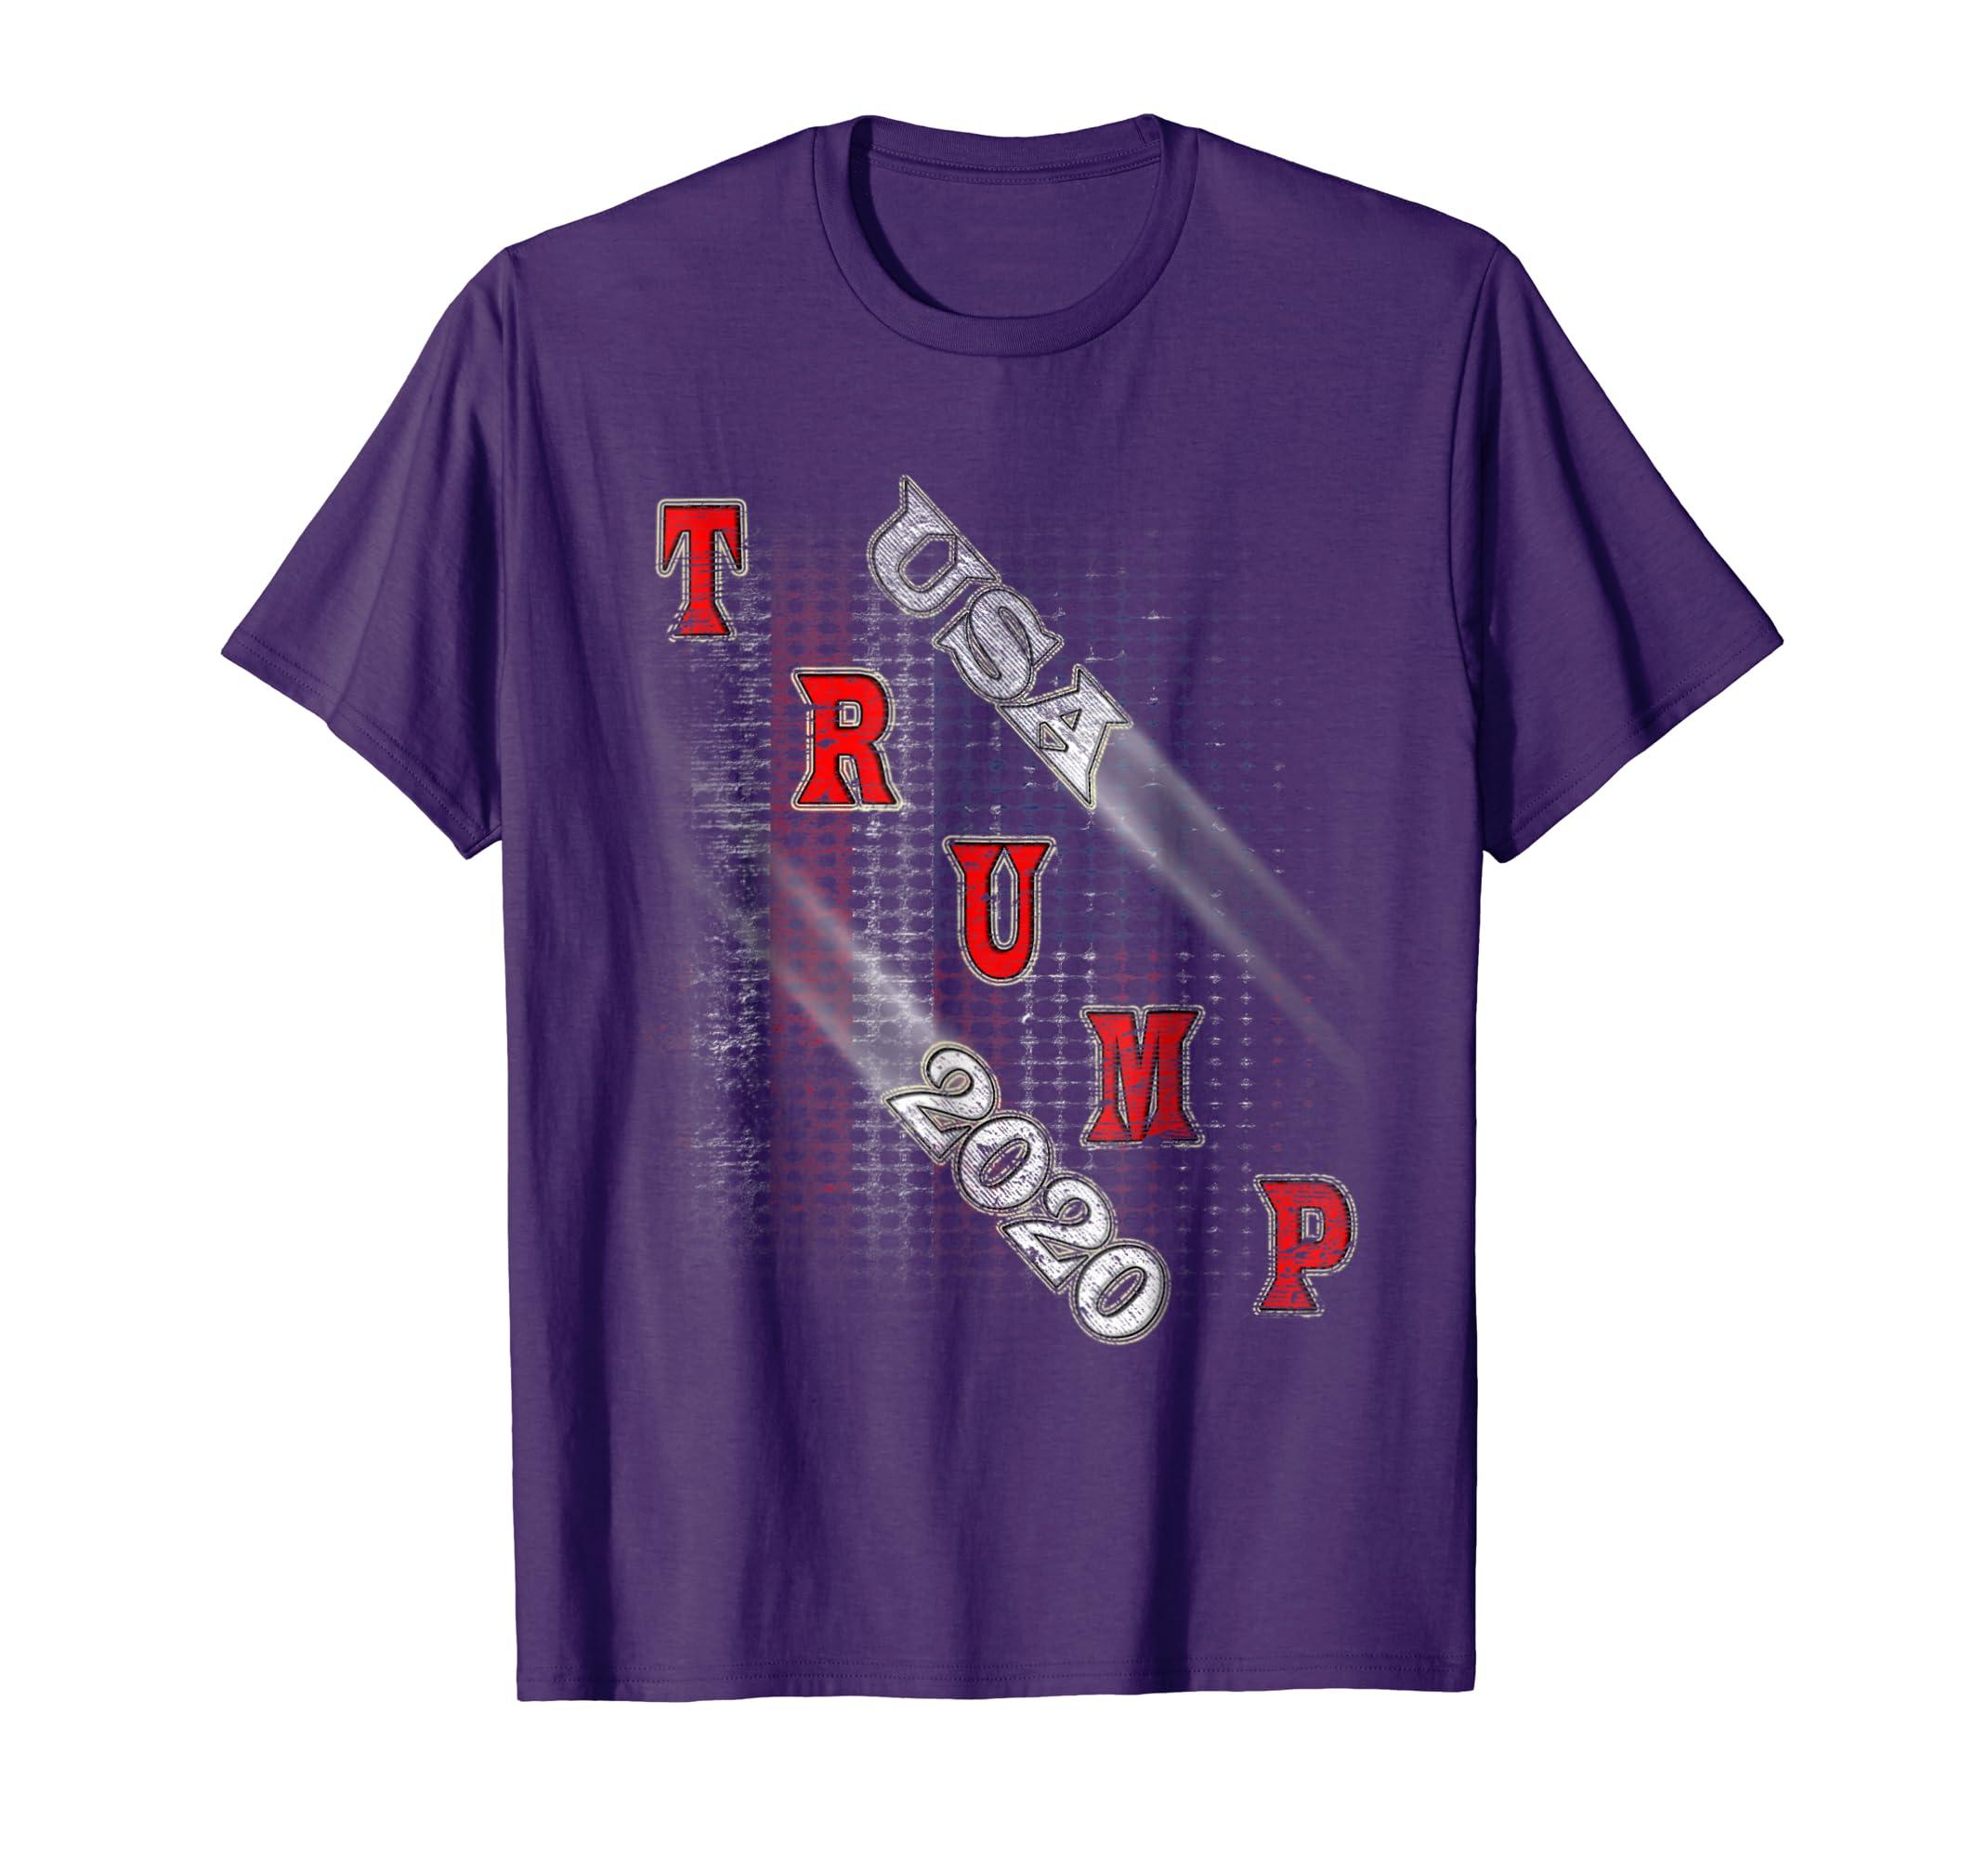 trump 2020 t shirts funny-Teesml